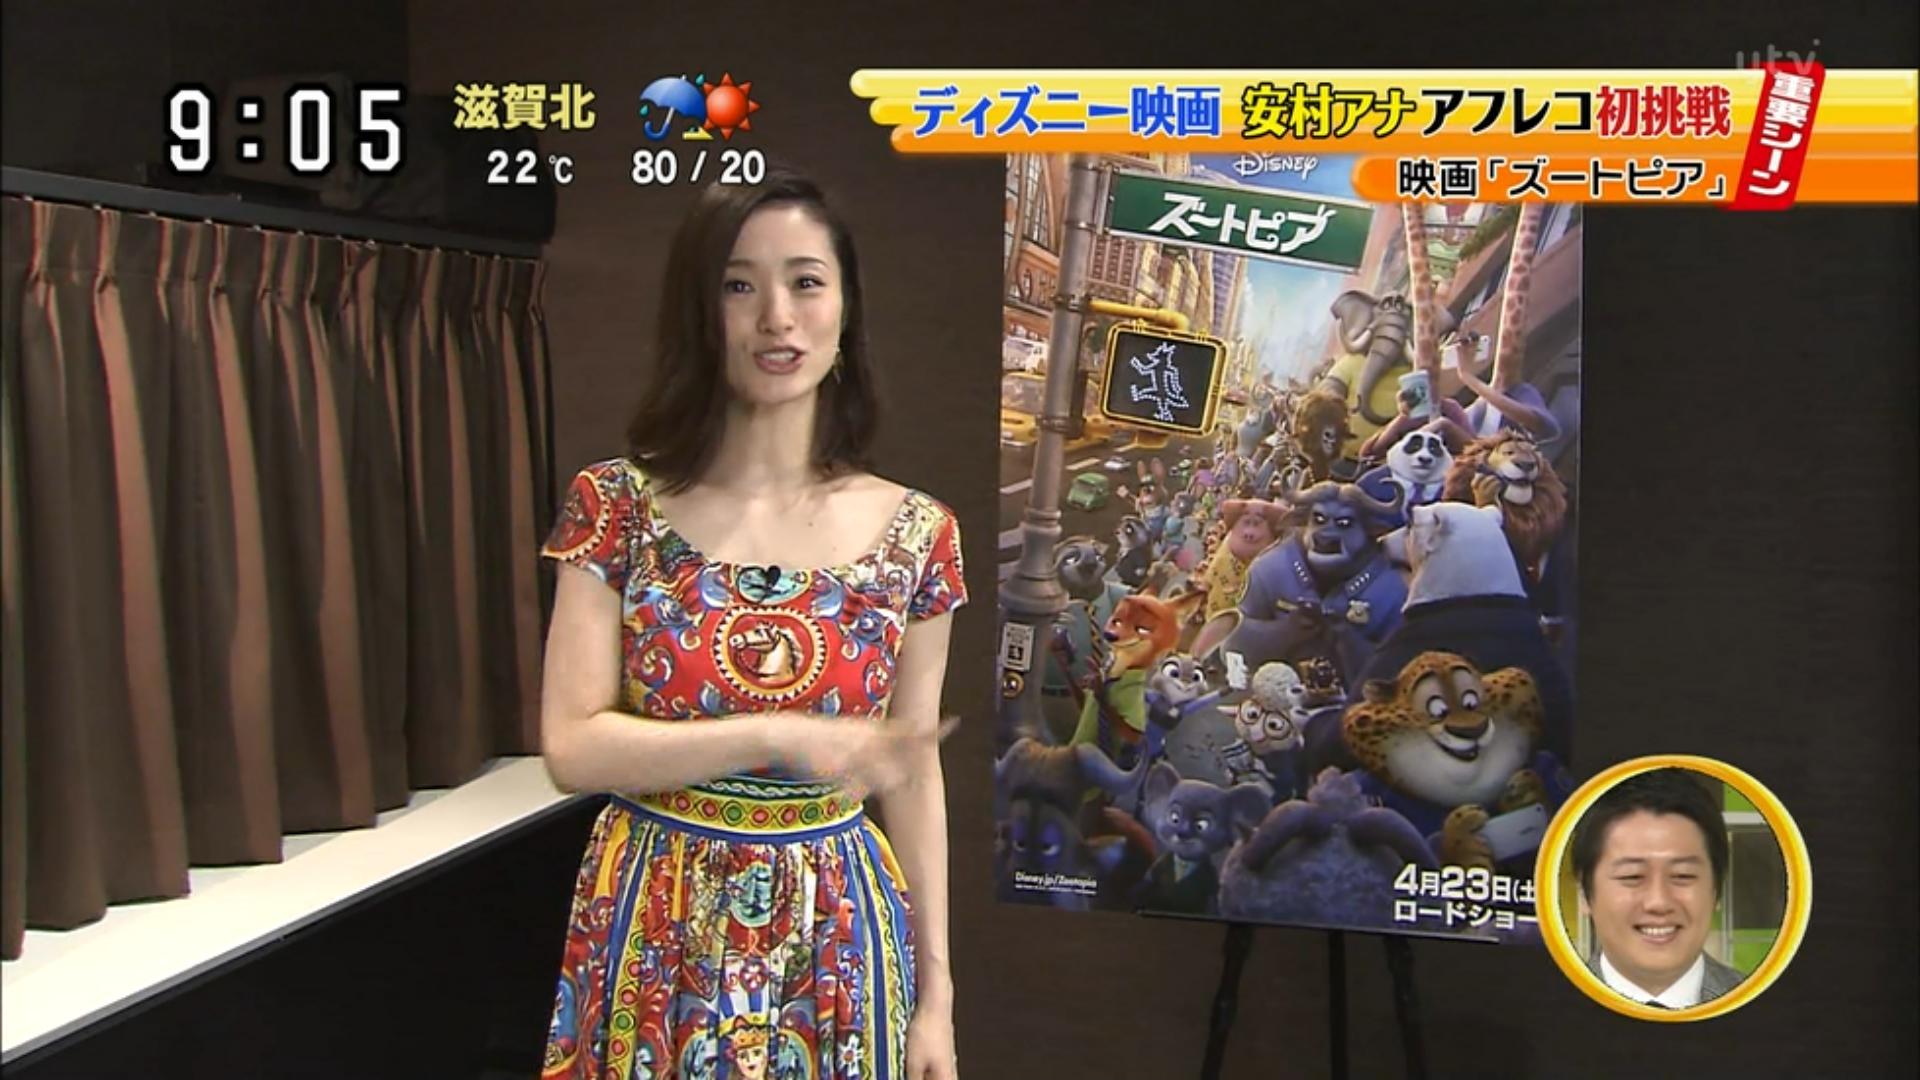 上戸彩さんの着衣巨乳おっぱいキャプ画像23